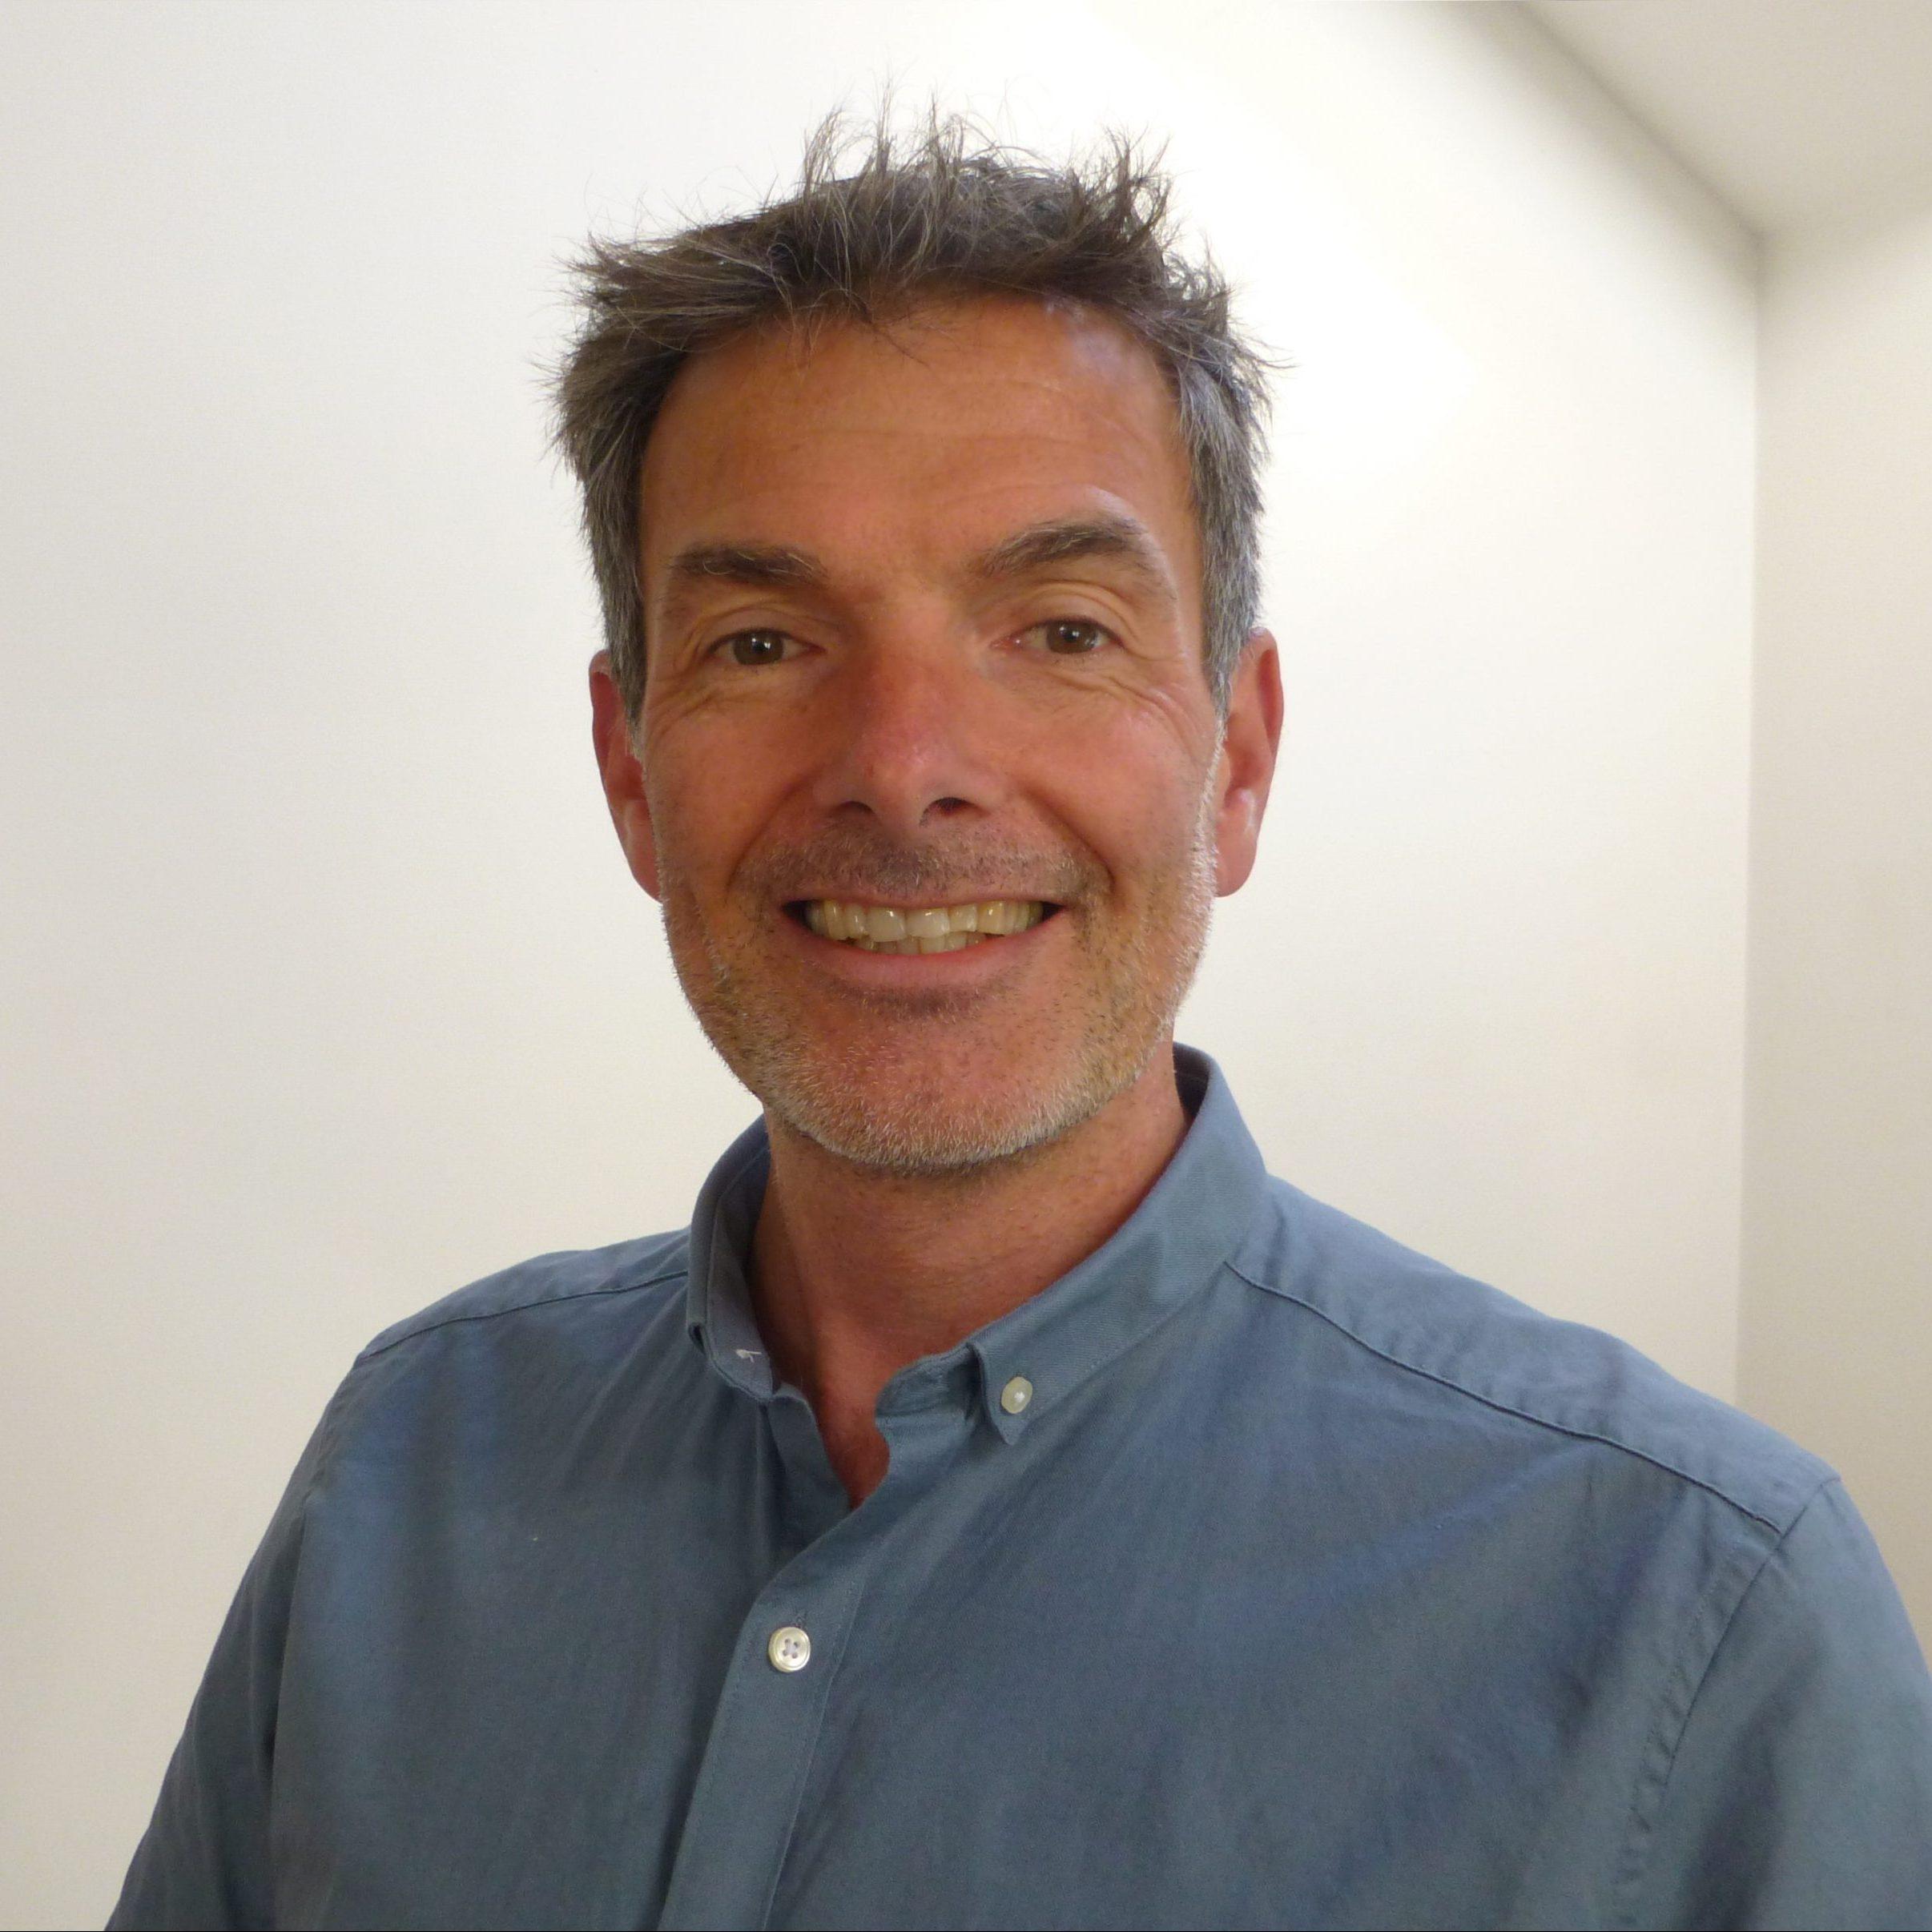 Headshot of Richard Dear.